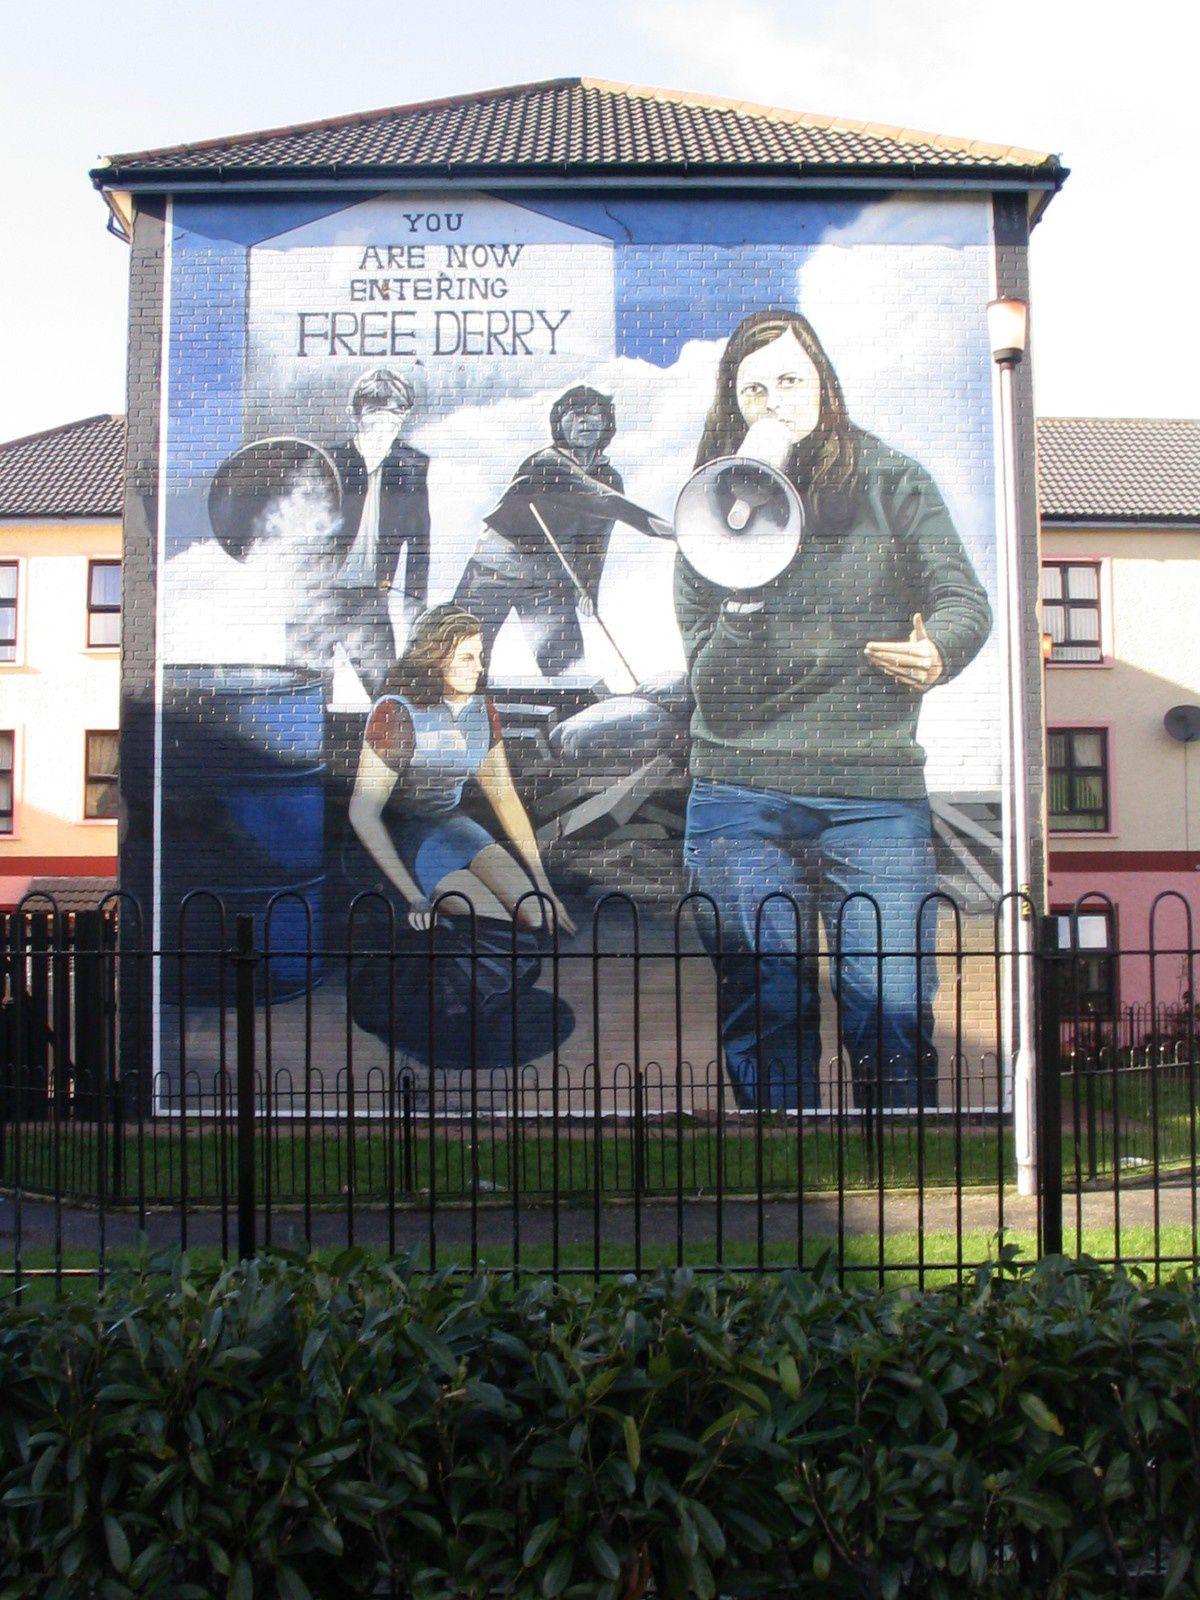 737) Rossville Street, Derry